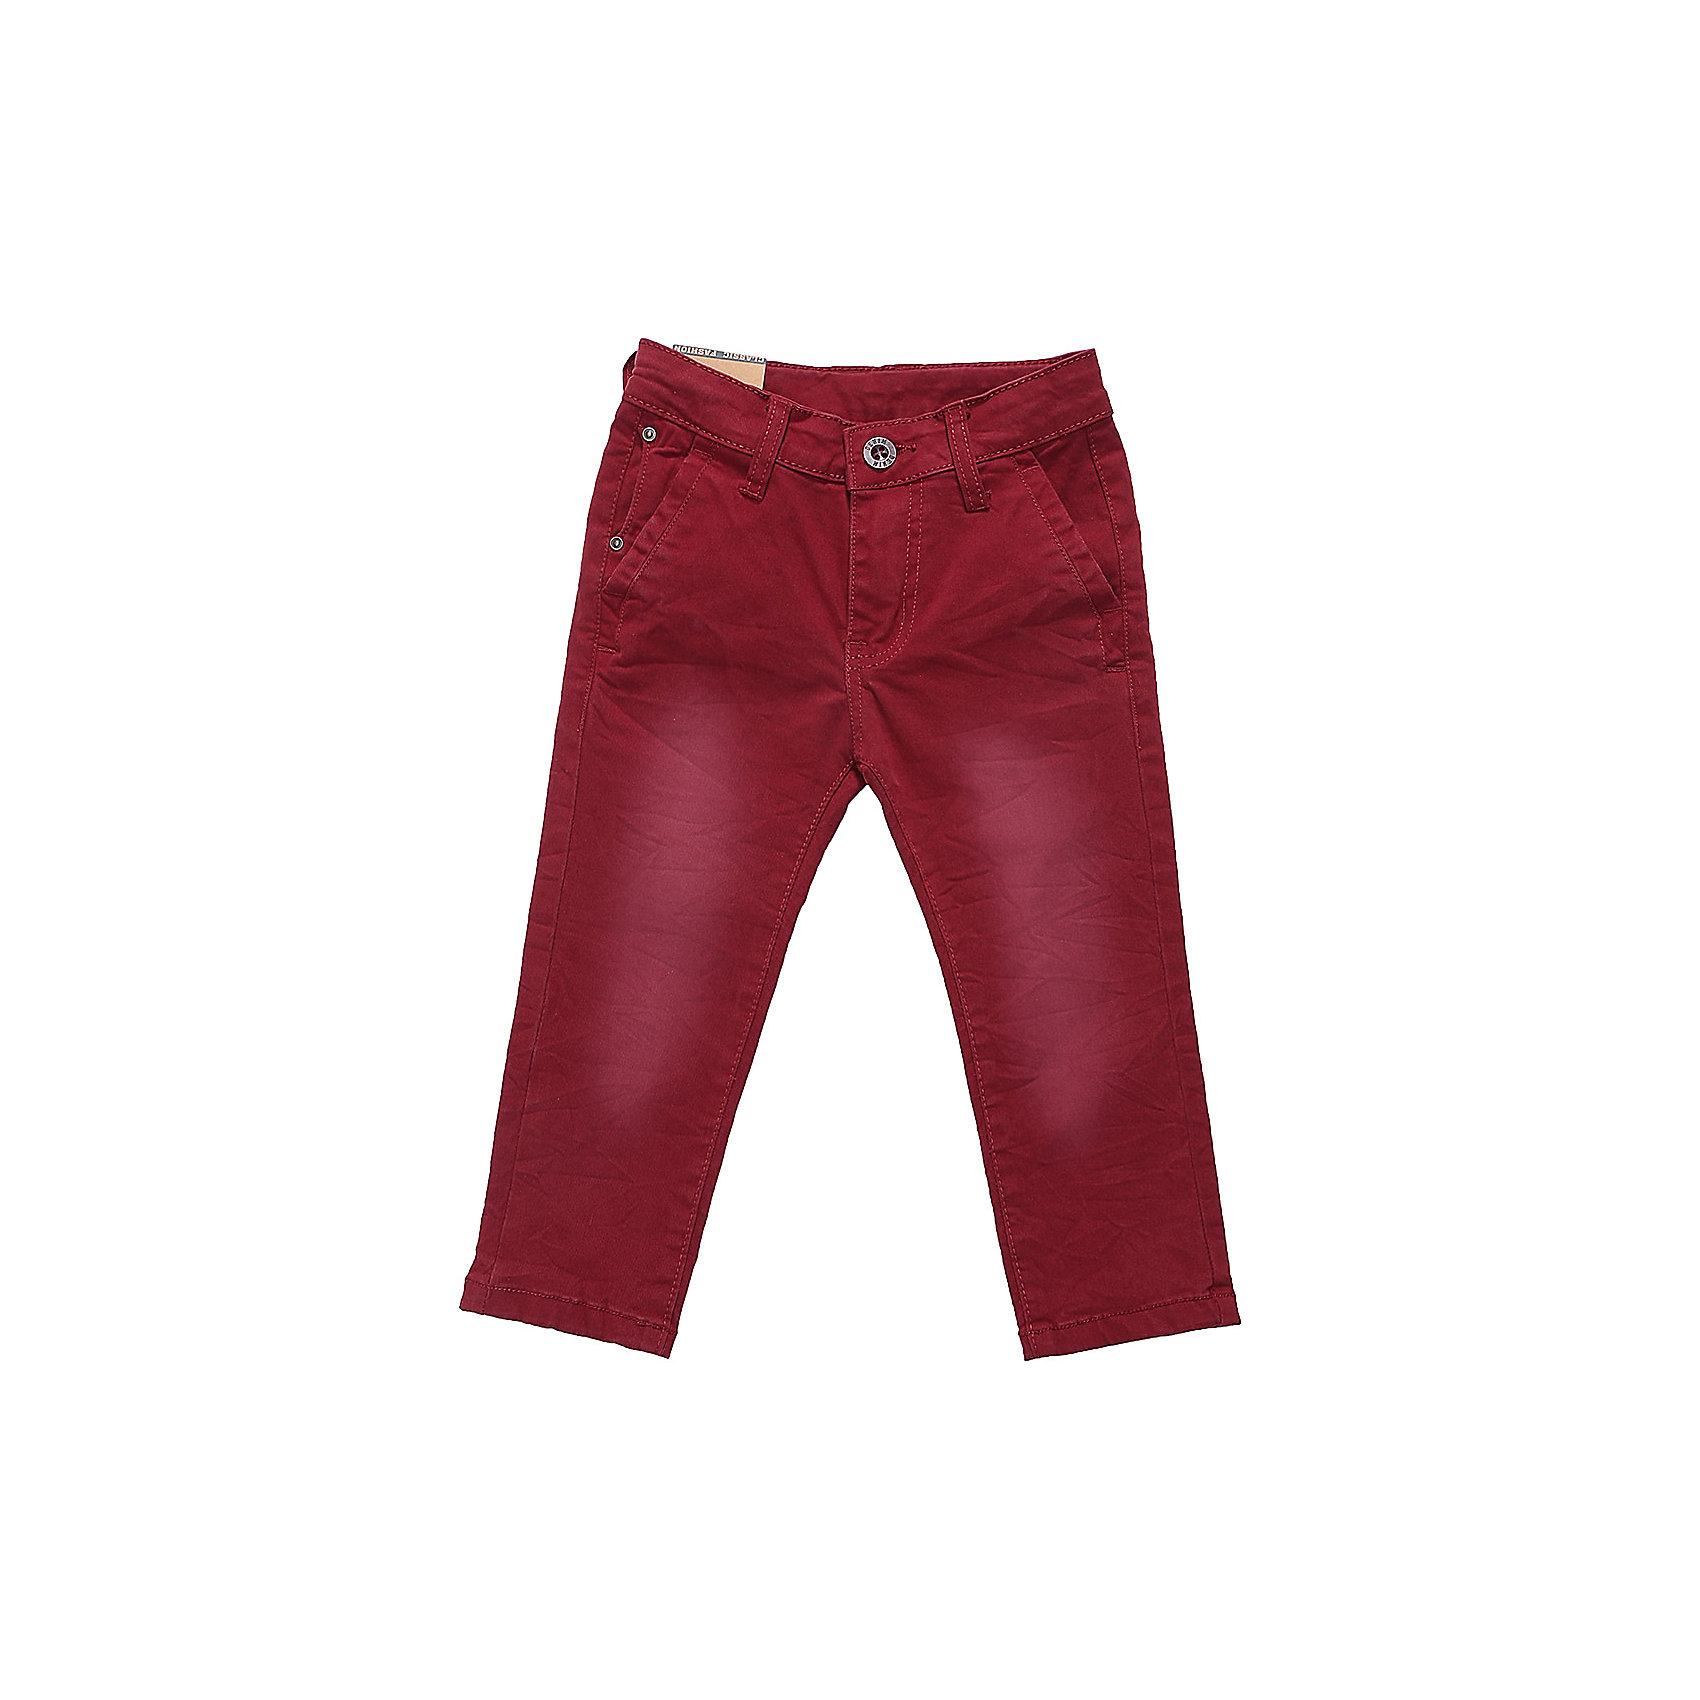 Брюки Sweet Berry для мальчикаДжинсовая одежда<br>Брюки Sweet Berry для мальчика<br>Яркие текстильные брюки для мальчика. Зауженный крой, средняя посадка. Застегиваются на молнию и пуговицу. Шлевки на поясе рассчитаны под ремень. В боковой части пояса находятся вшитые эластичные ленты, регулирующие посадку по талии.<br>Состав:<br>97% хлопок, 3% спандекс<br><br>Ширина мм: 215<br>Глубина мм: 88<br>Высота мм: 191<br>Вес г: 336<br>Цвет: бордовый<br>Возраст от месяцев: 24<br>Возраст до месяцев: 36<br>Пол: Мужской<br>Возраст: Детский<br>Размер: 98,80,86,92<br>SKU: 7095624